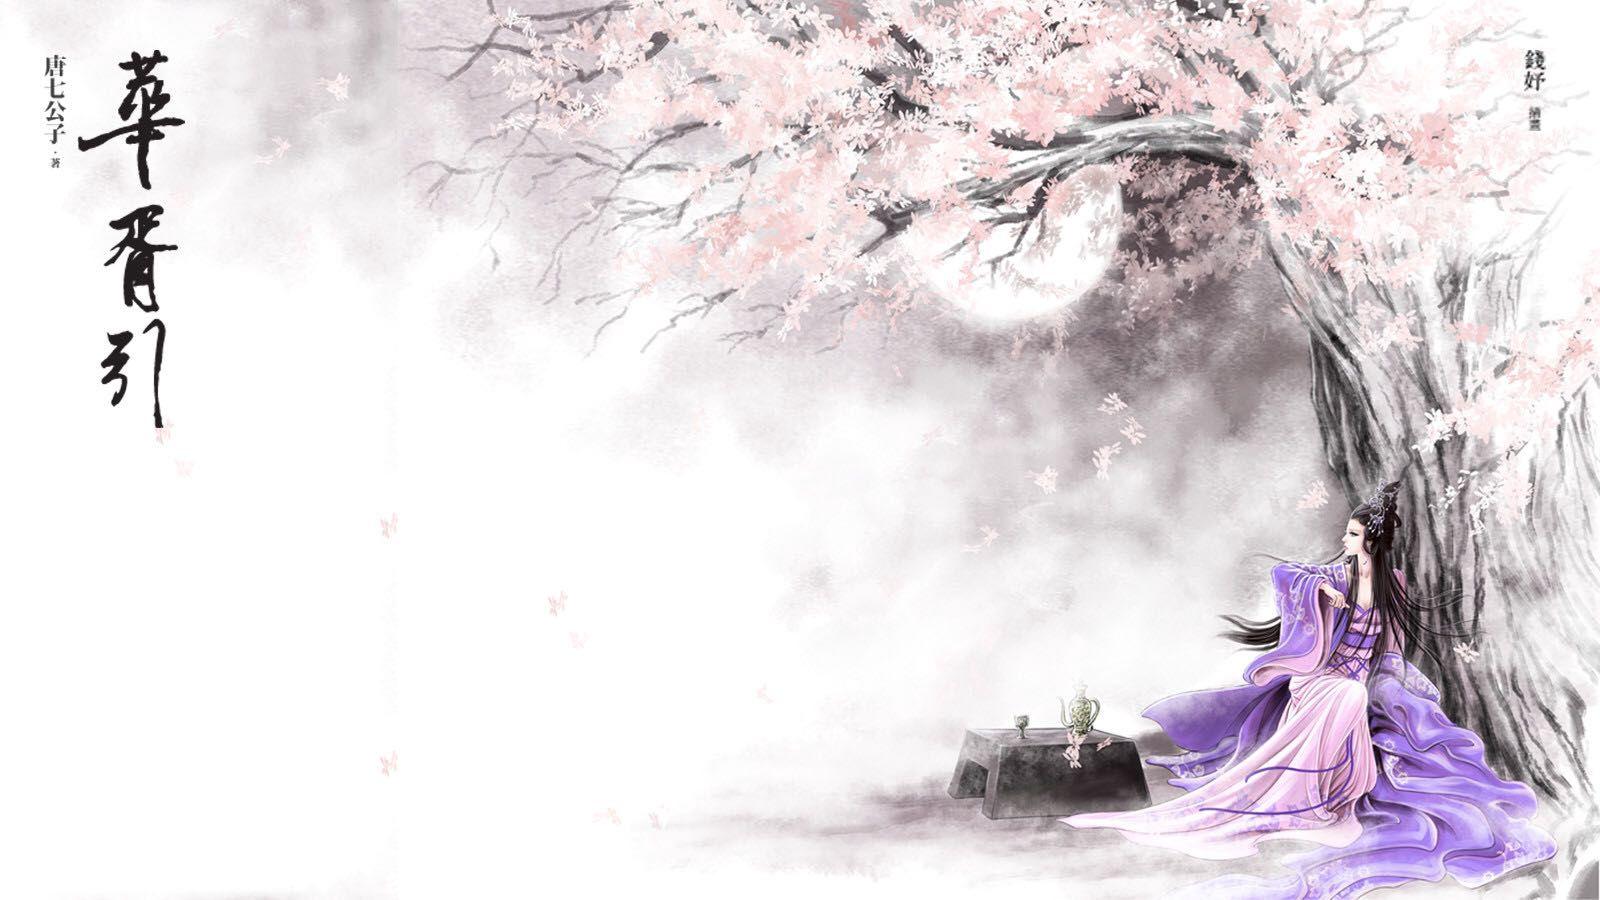 Hình ảnh anime cổ trang cô gái áo tím dưới gốc cây hoa đào